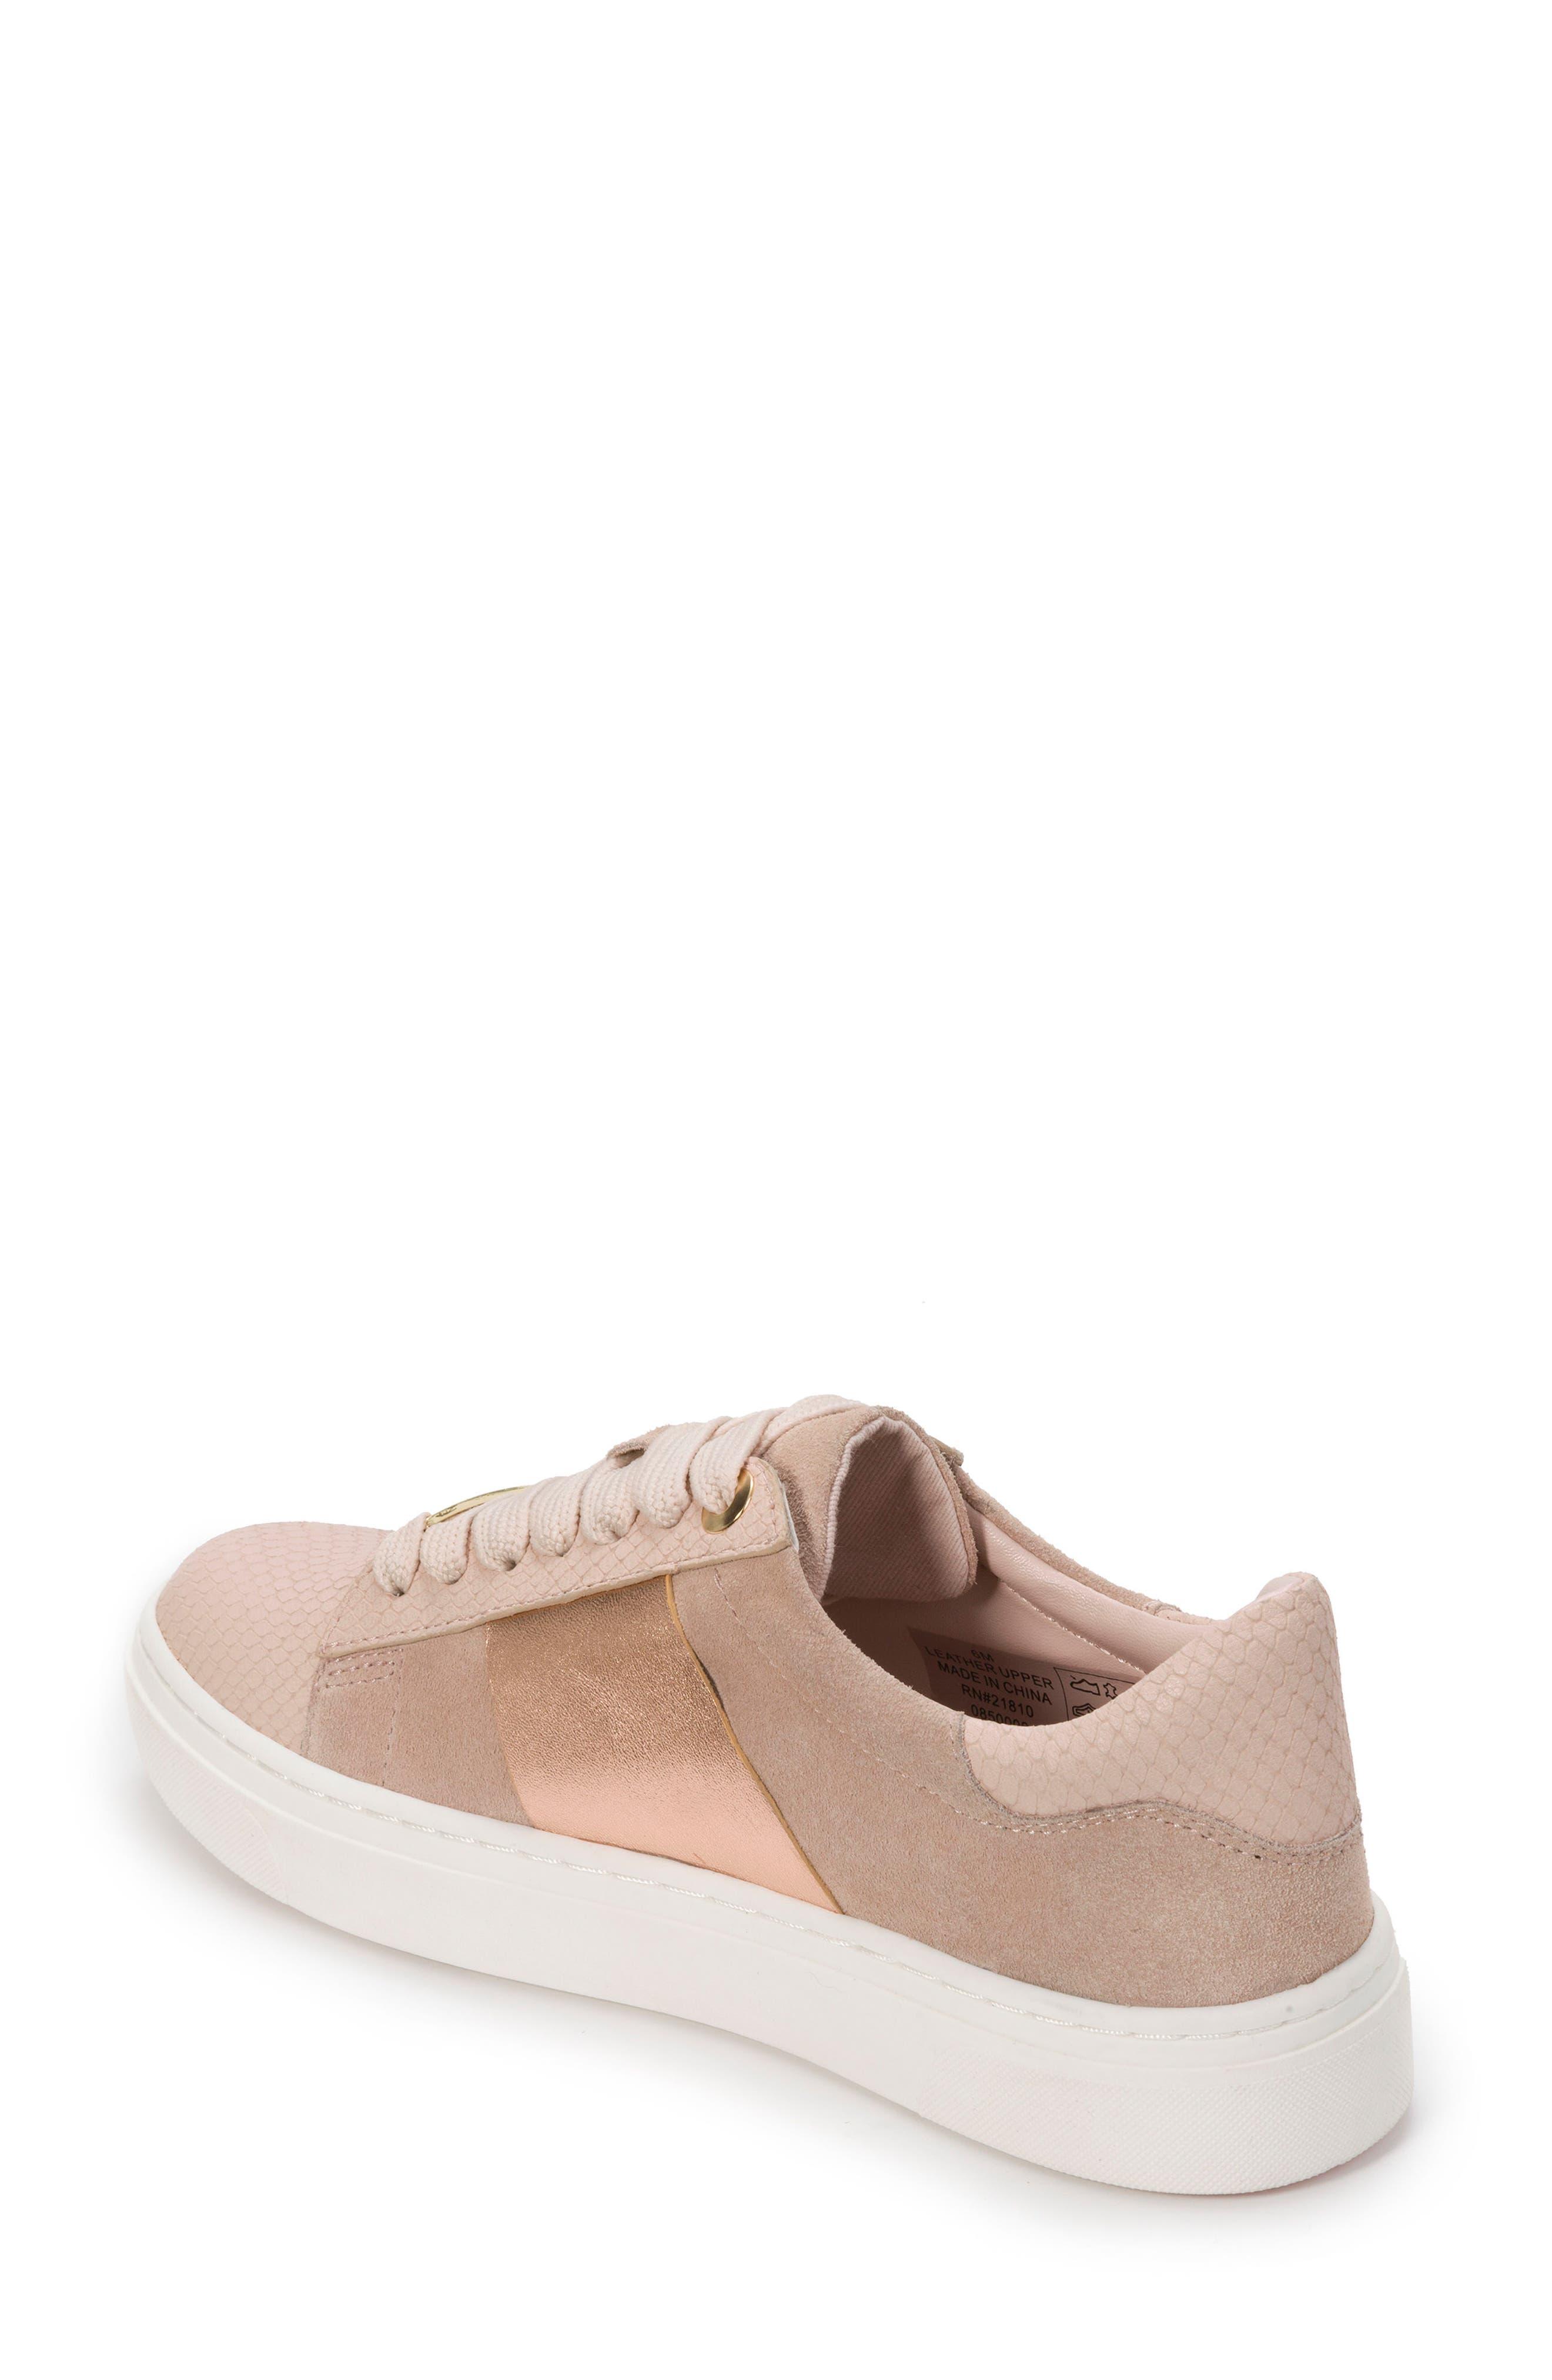 127871399e Women s Shoes Sale